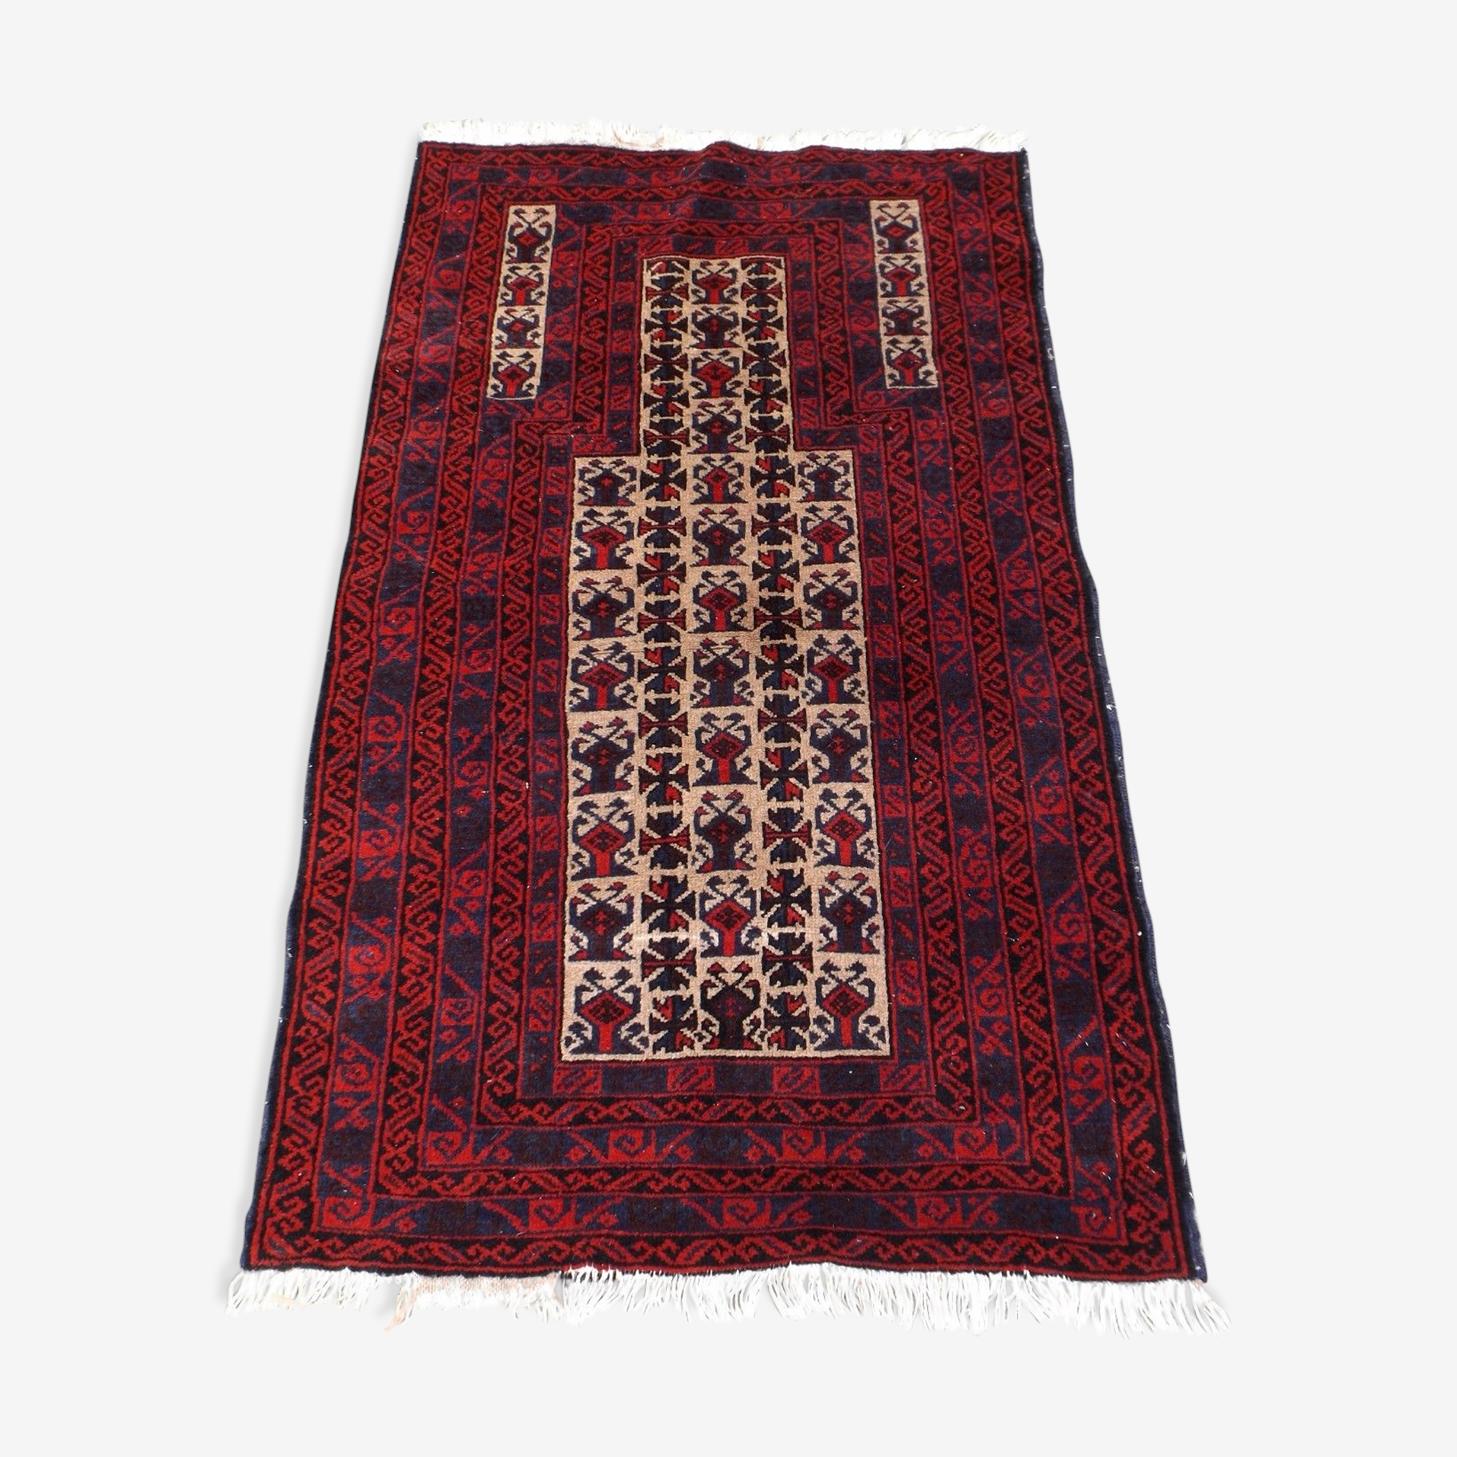 Tapis Afghan, noué en laine 80 cm * 125 cm, modèle Mirhab